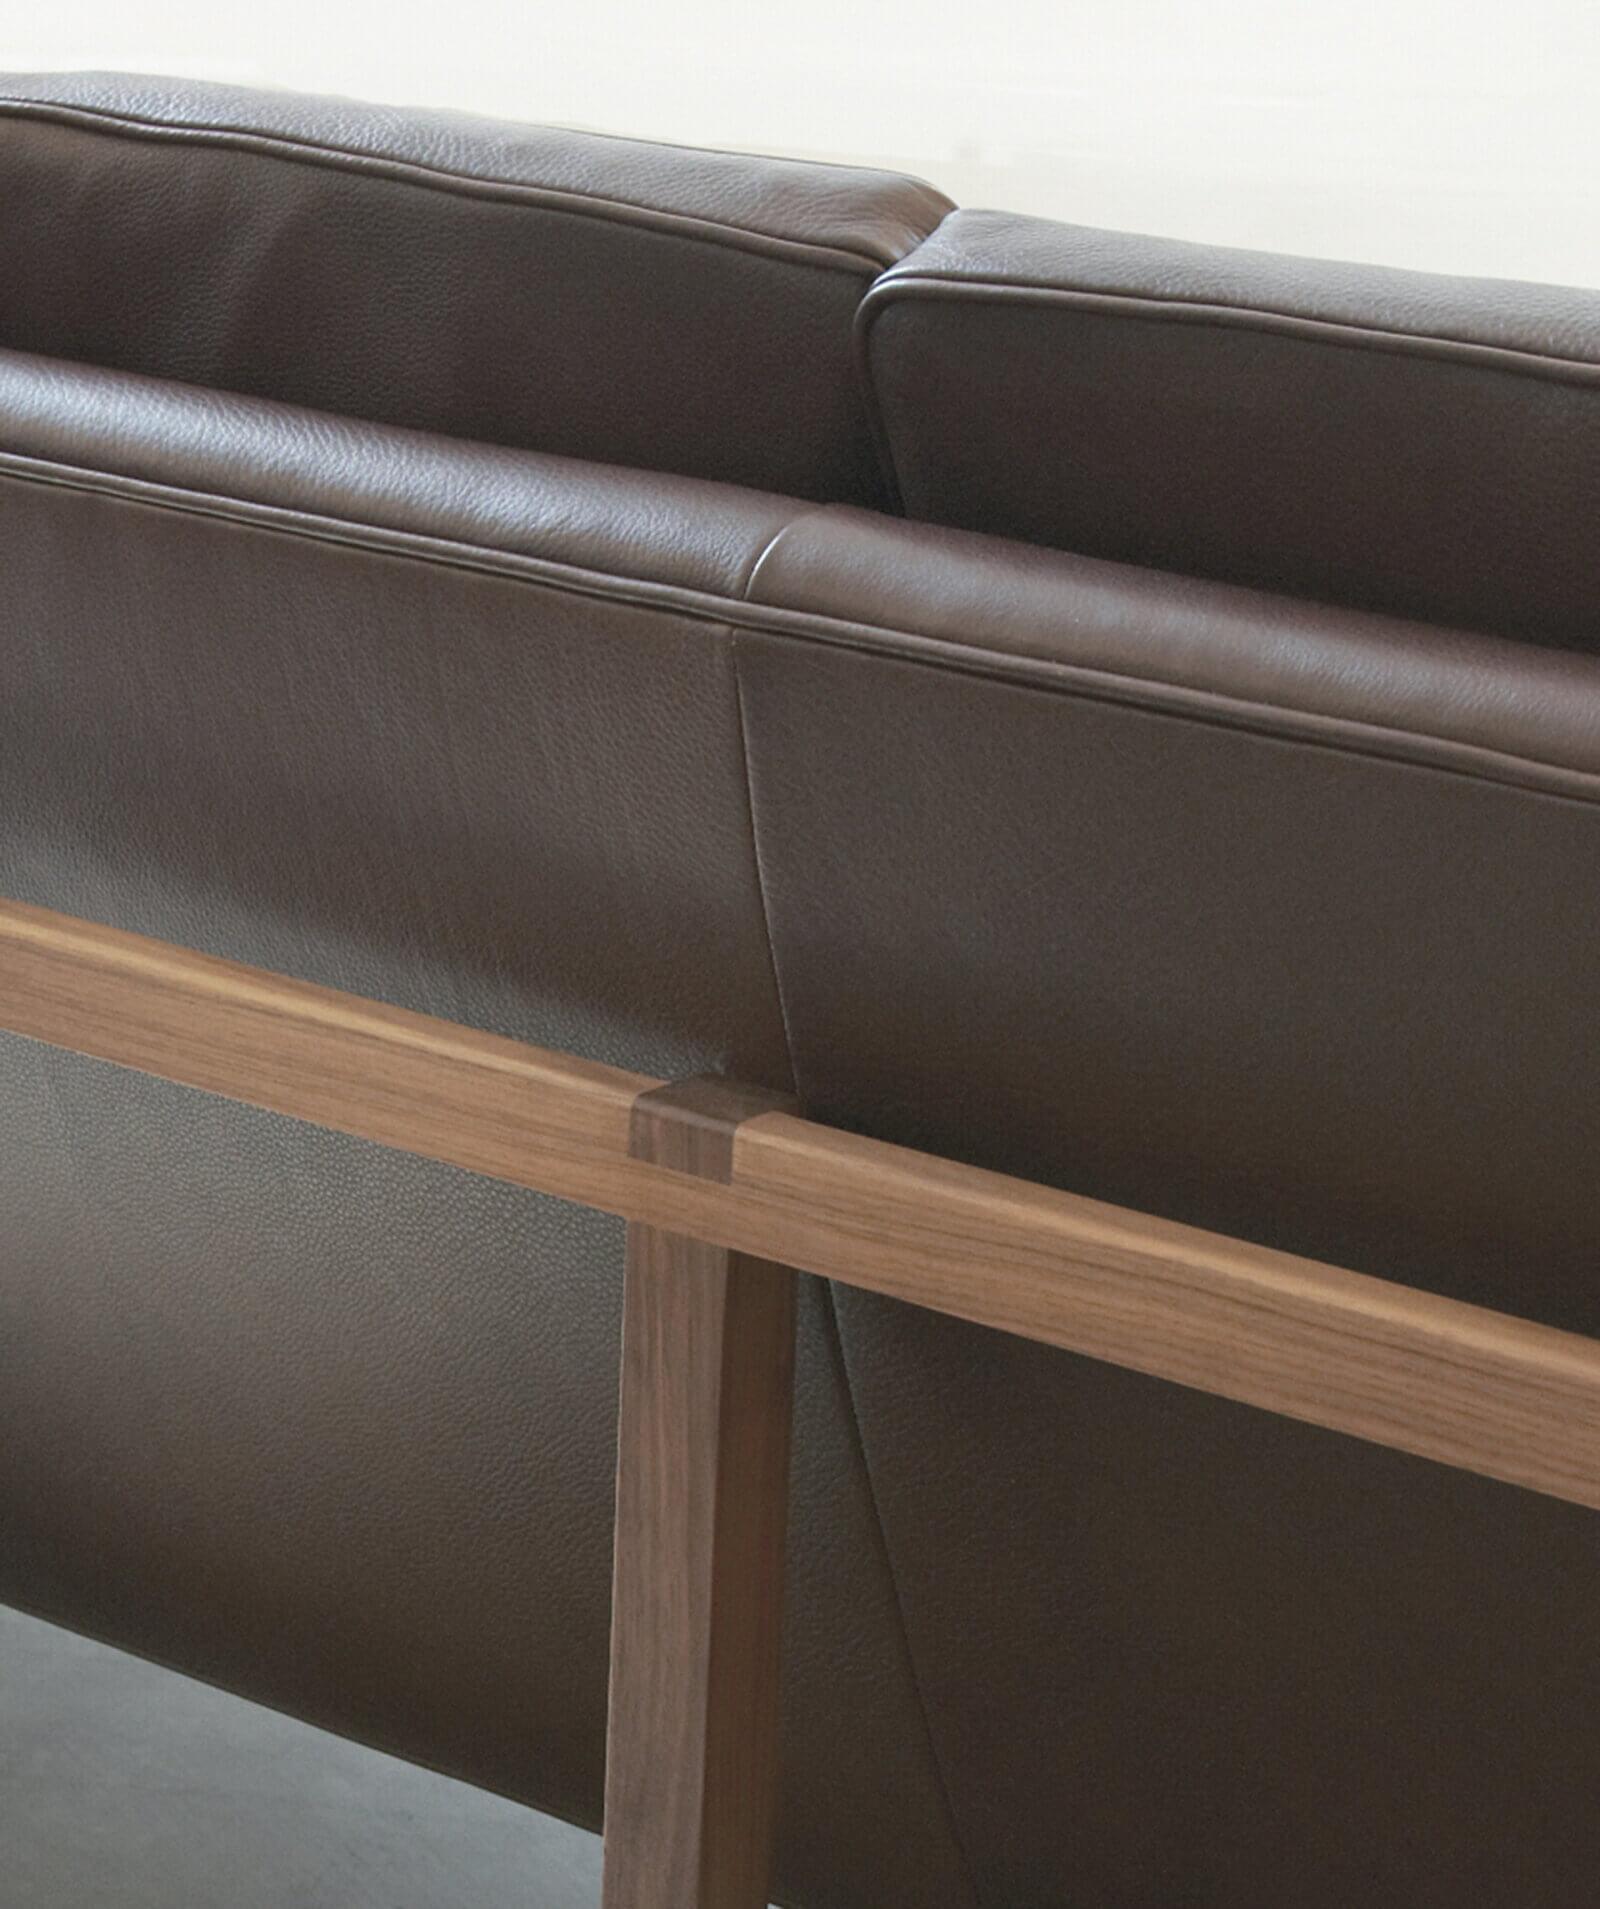 TinnappleMetz-bassamfellows-Wood-Frame-Sofa-03